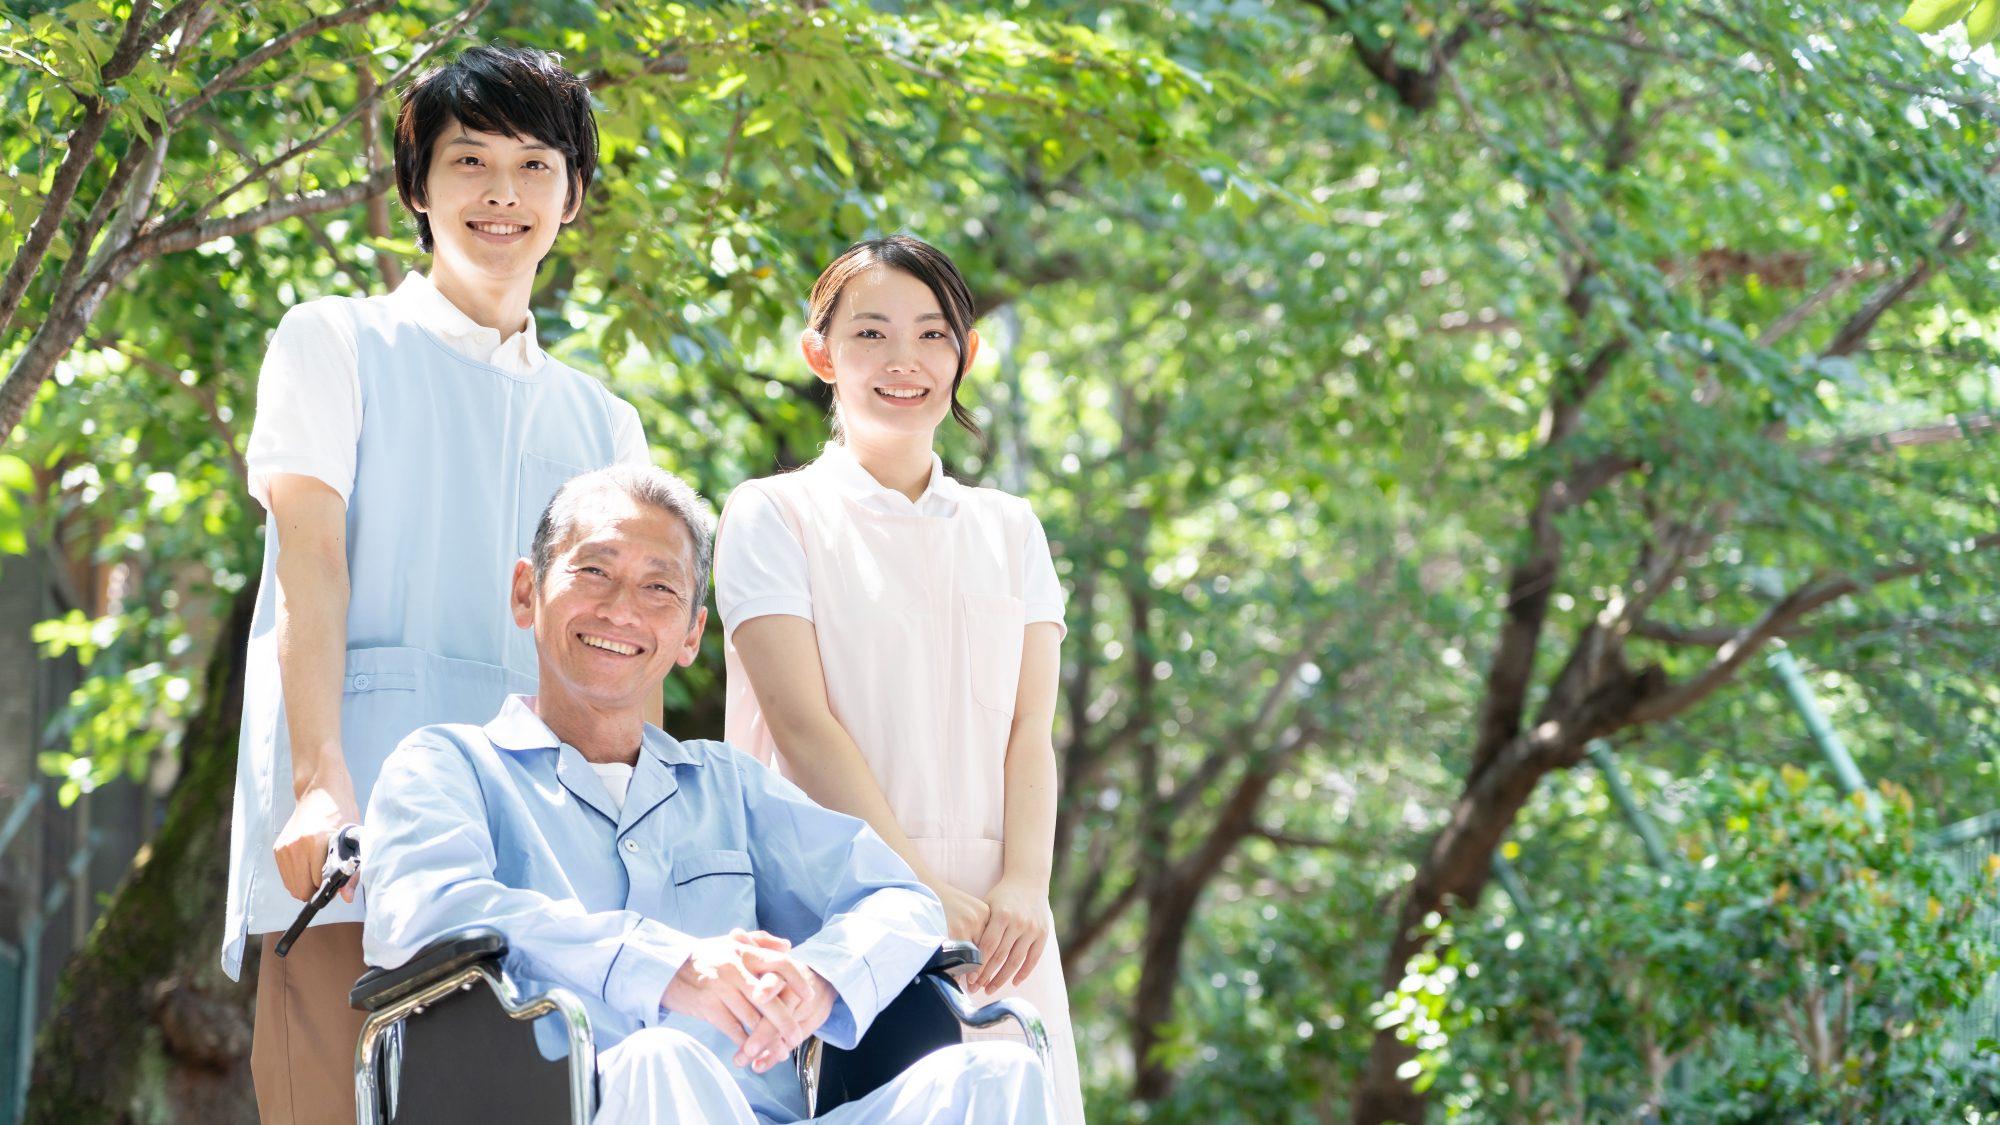 微笑む男女の介護士と車椅子に乗る男性の画像